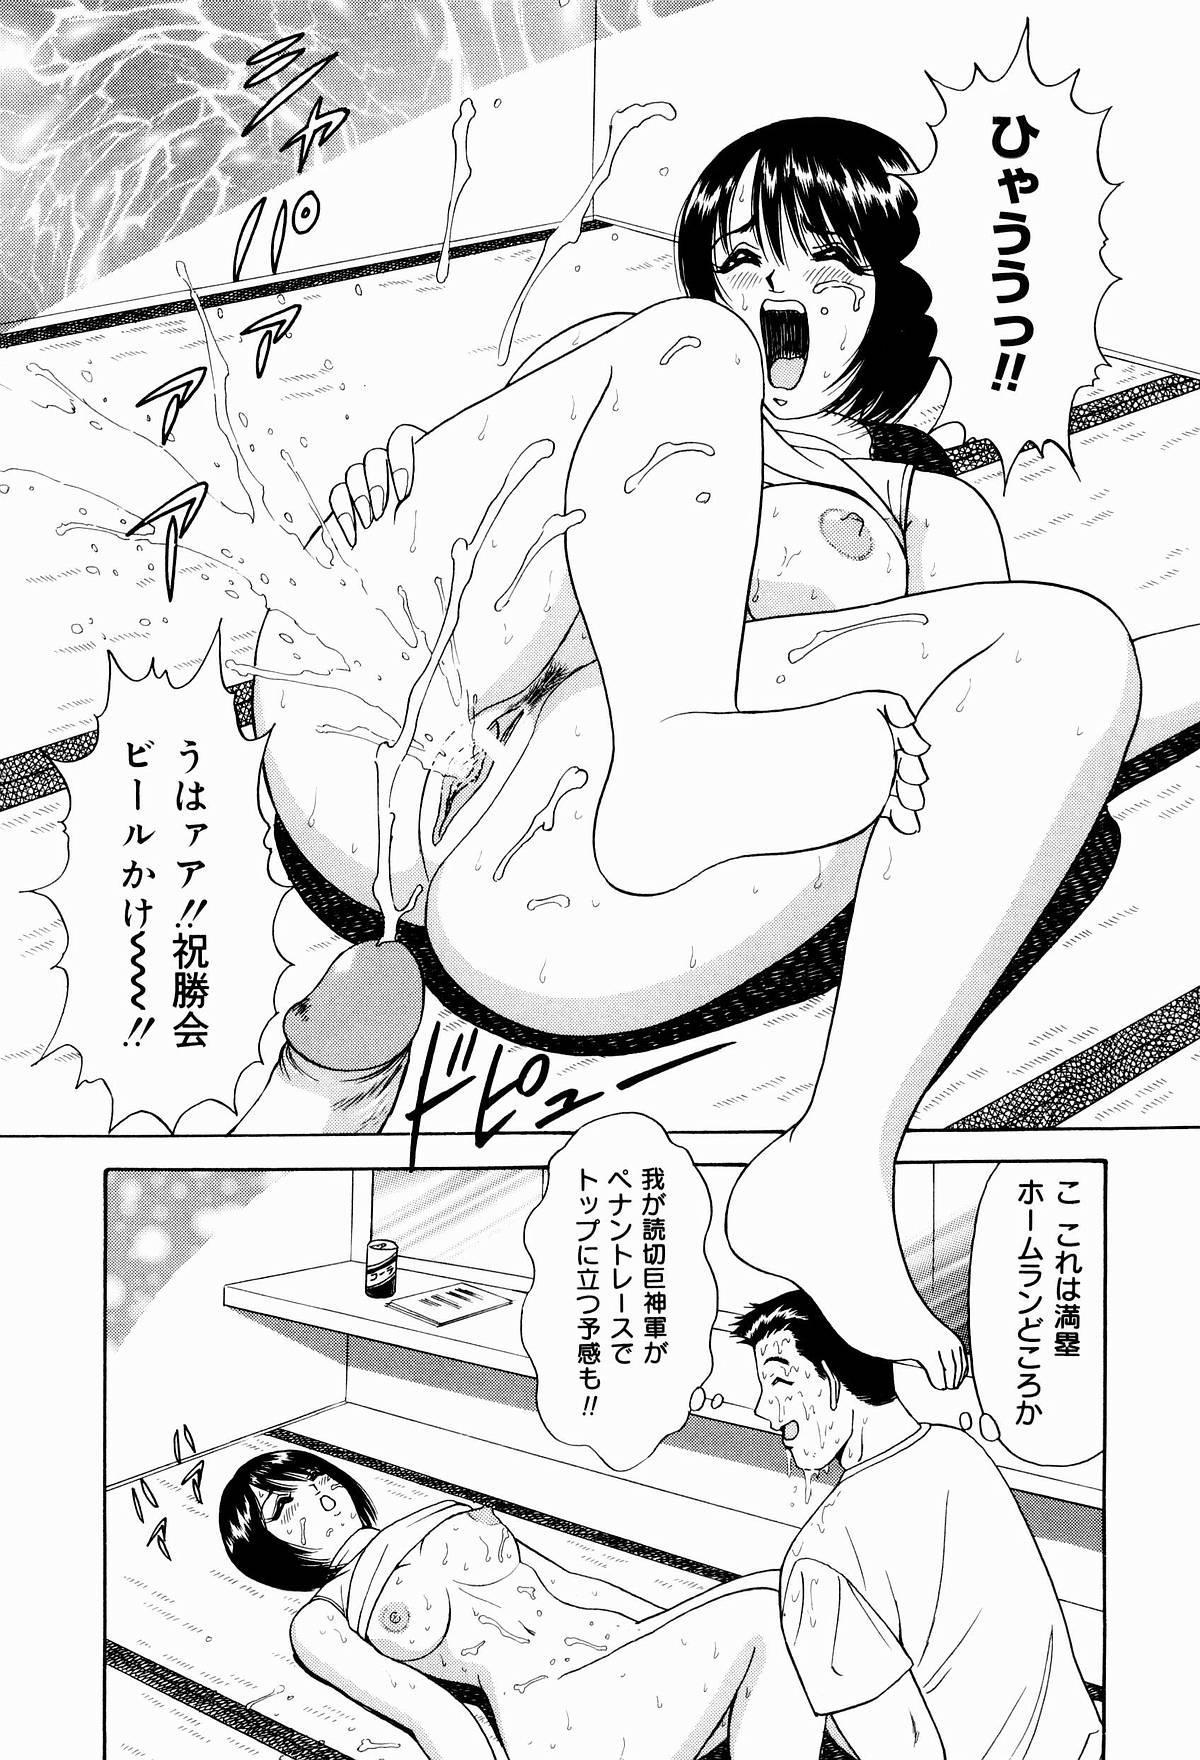 Kyonyuu Ana Konose Rie Suikappu Kiki Ippatsu 22